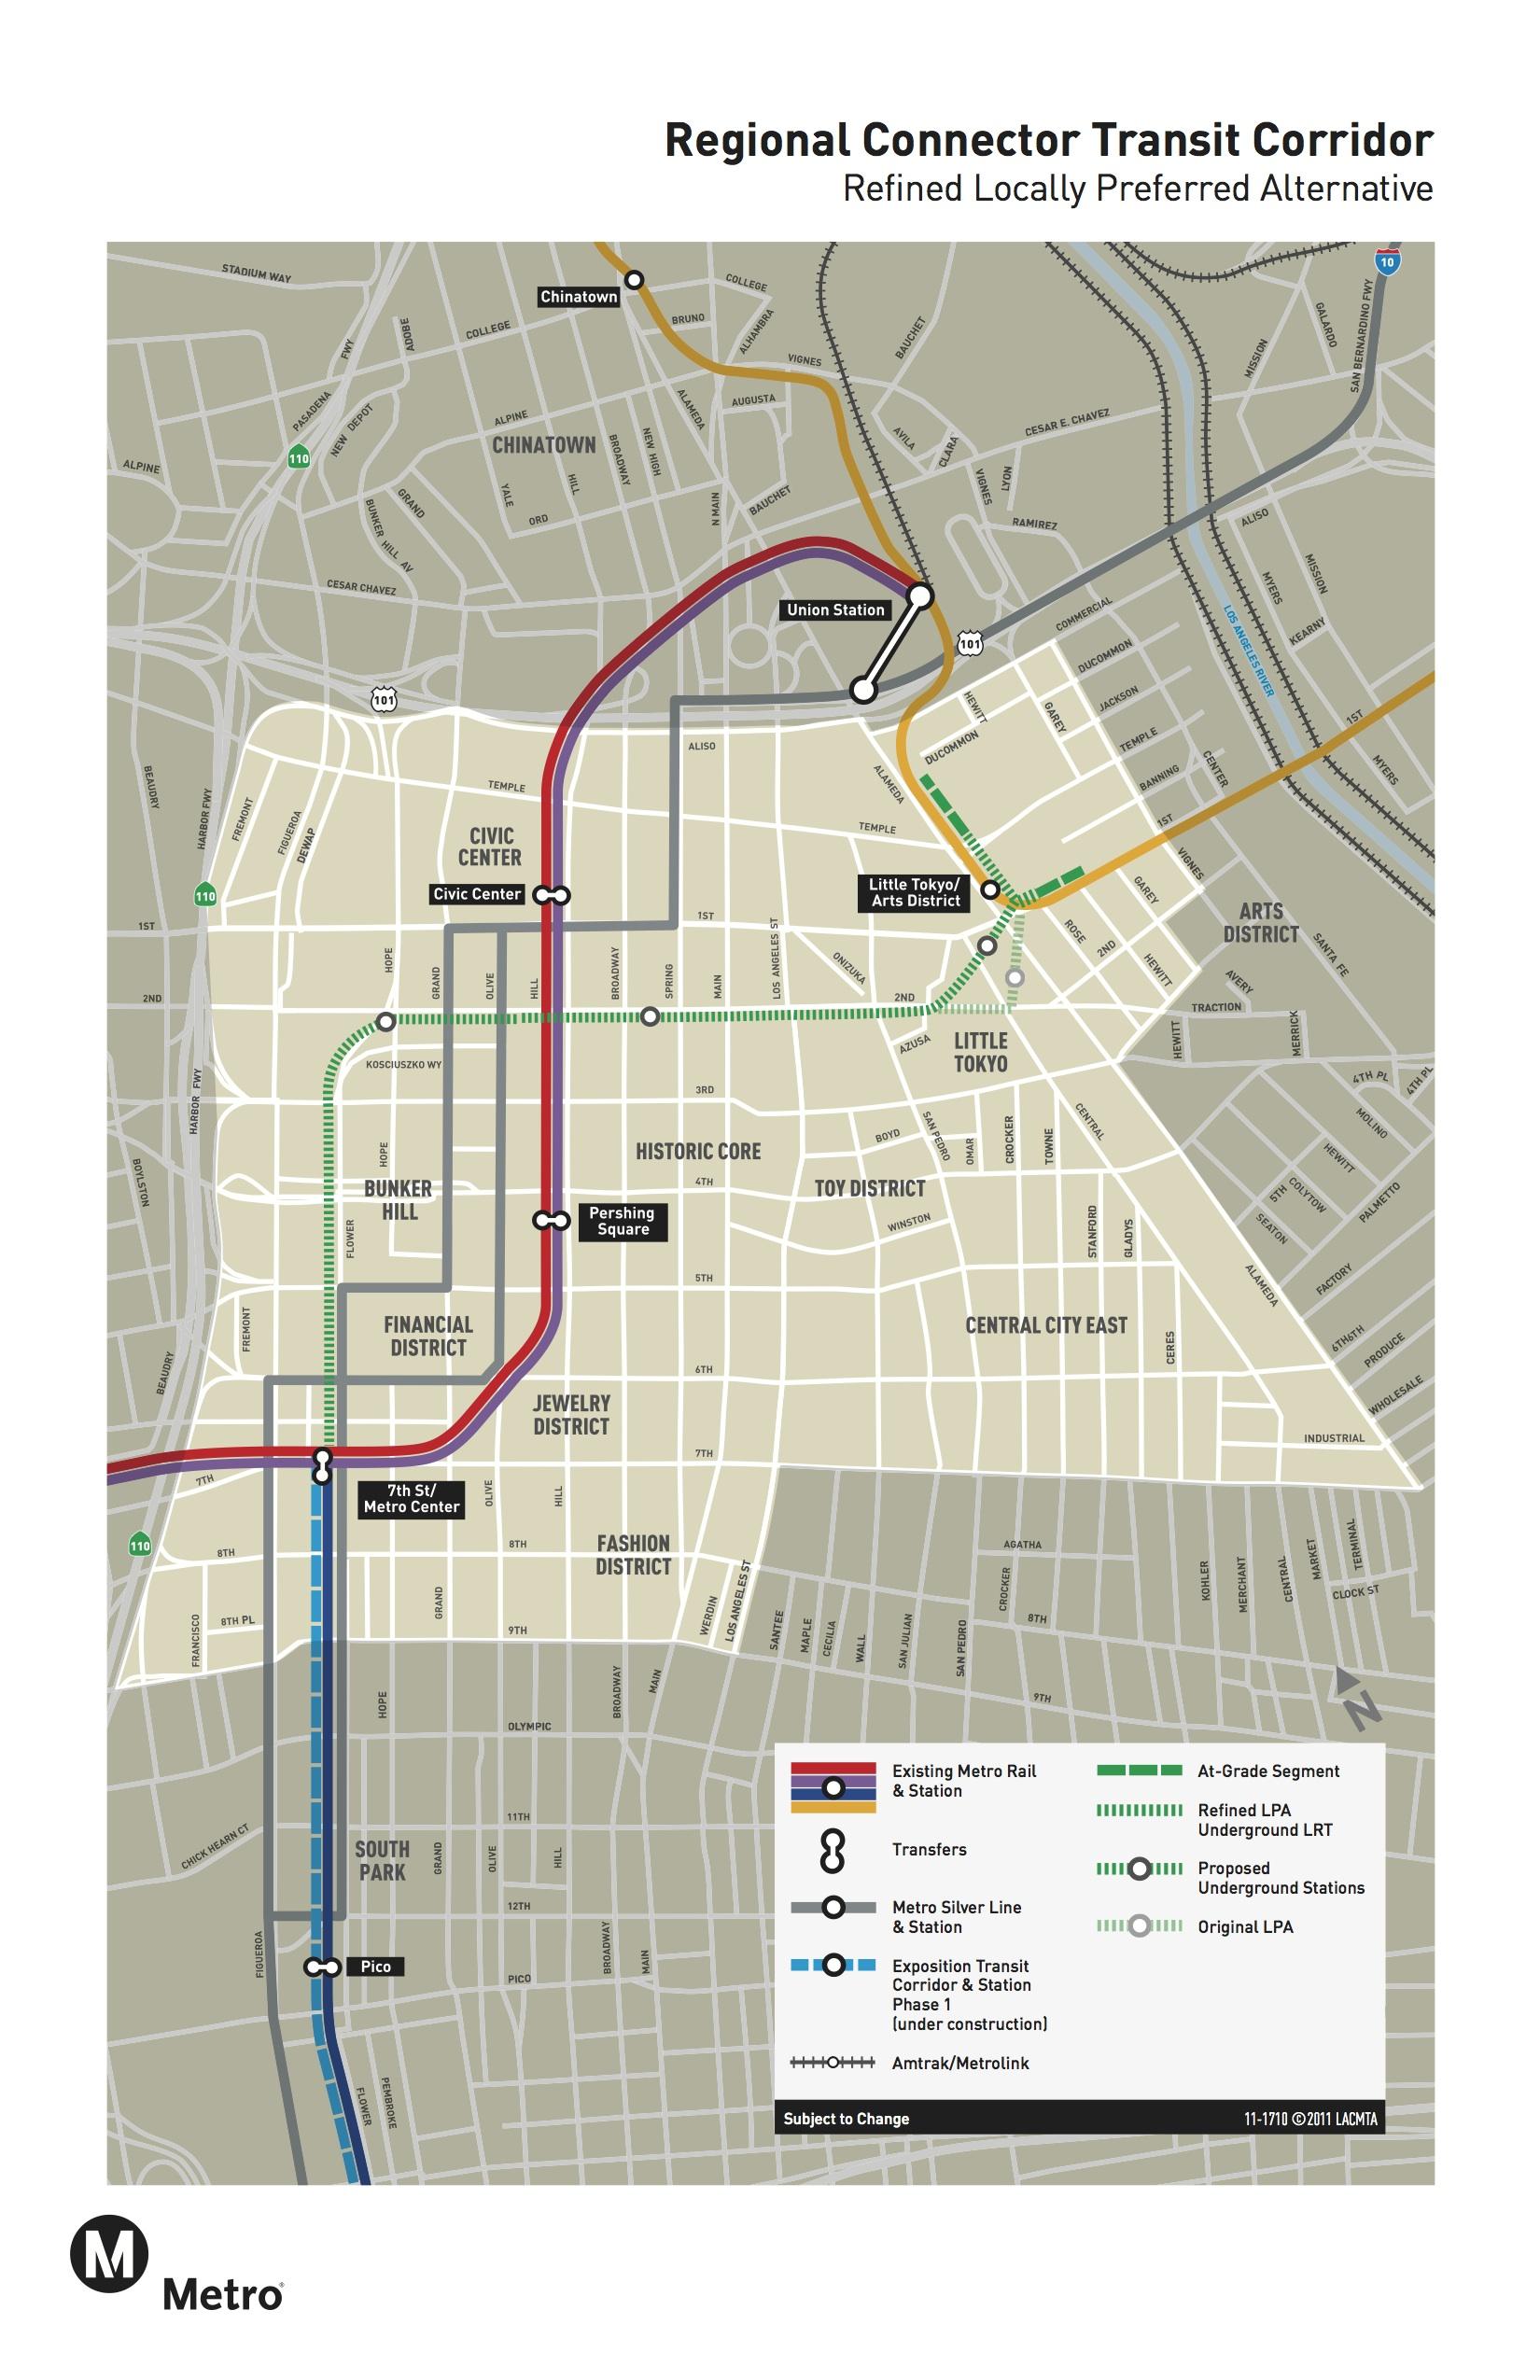 Regional Connector Transit Corridor